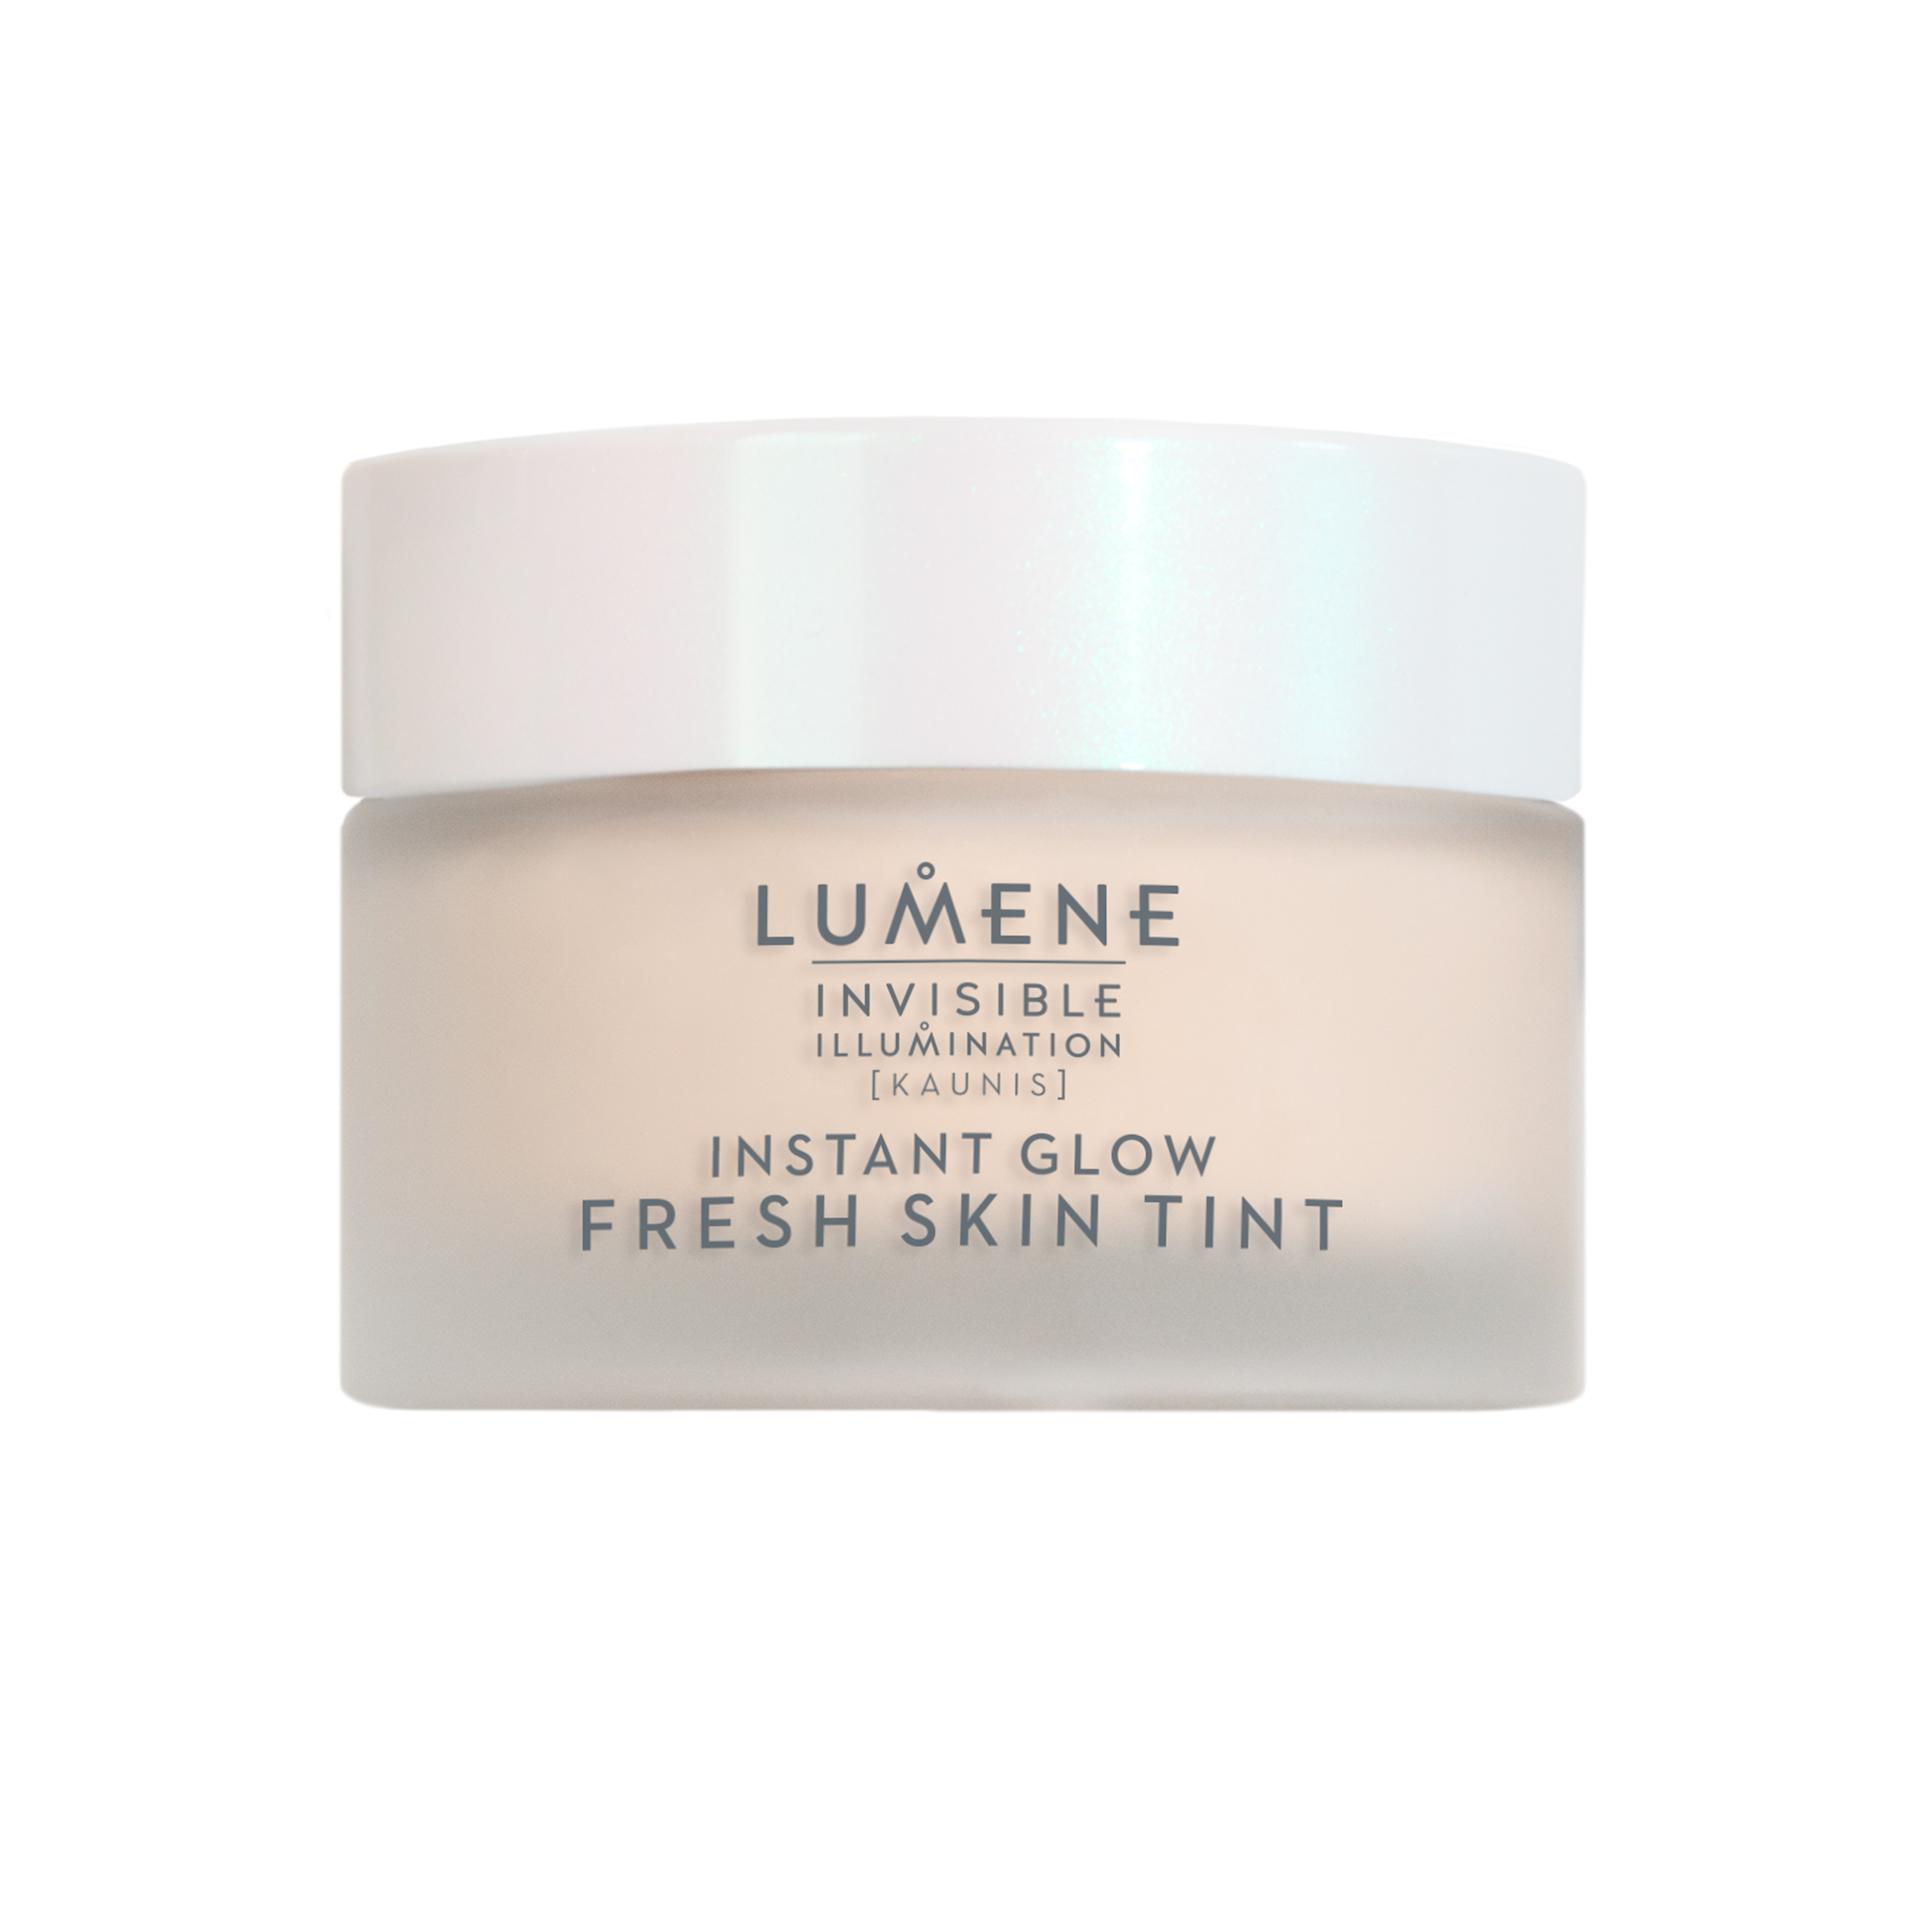 Lumene Fresh Skin Tint – Light